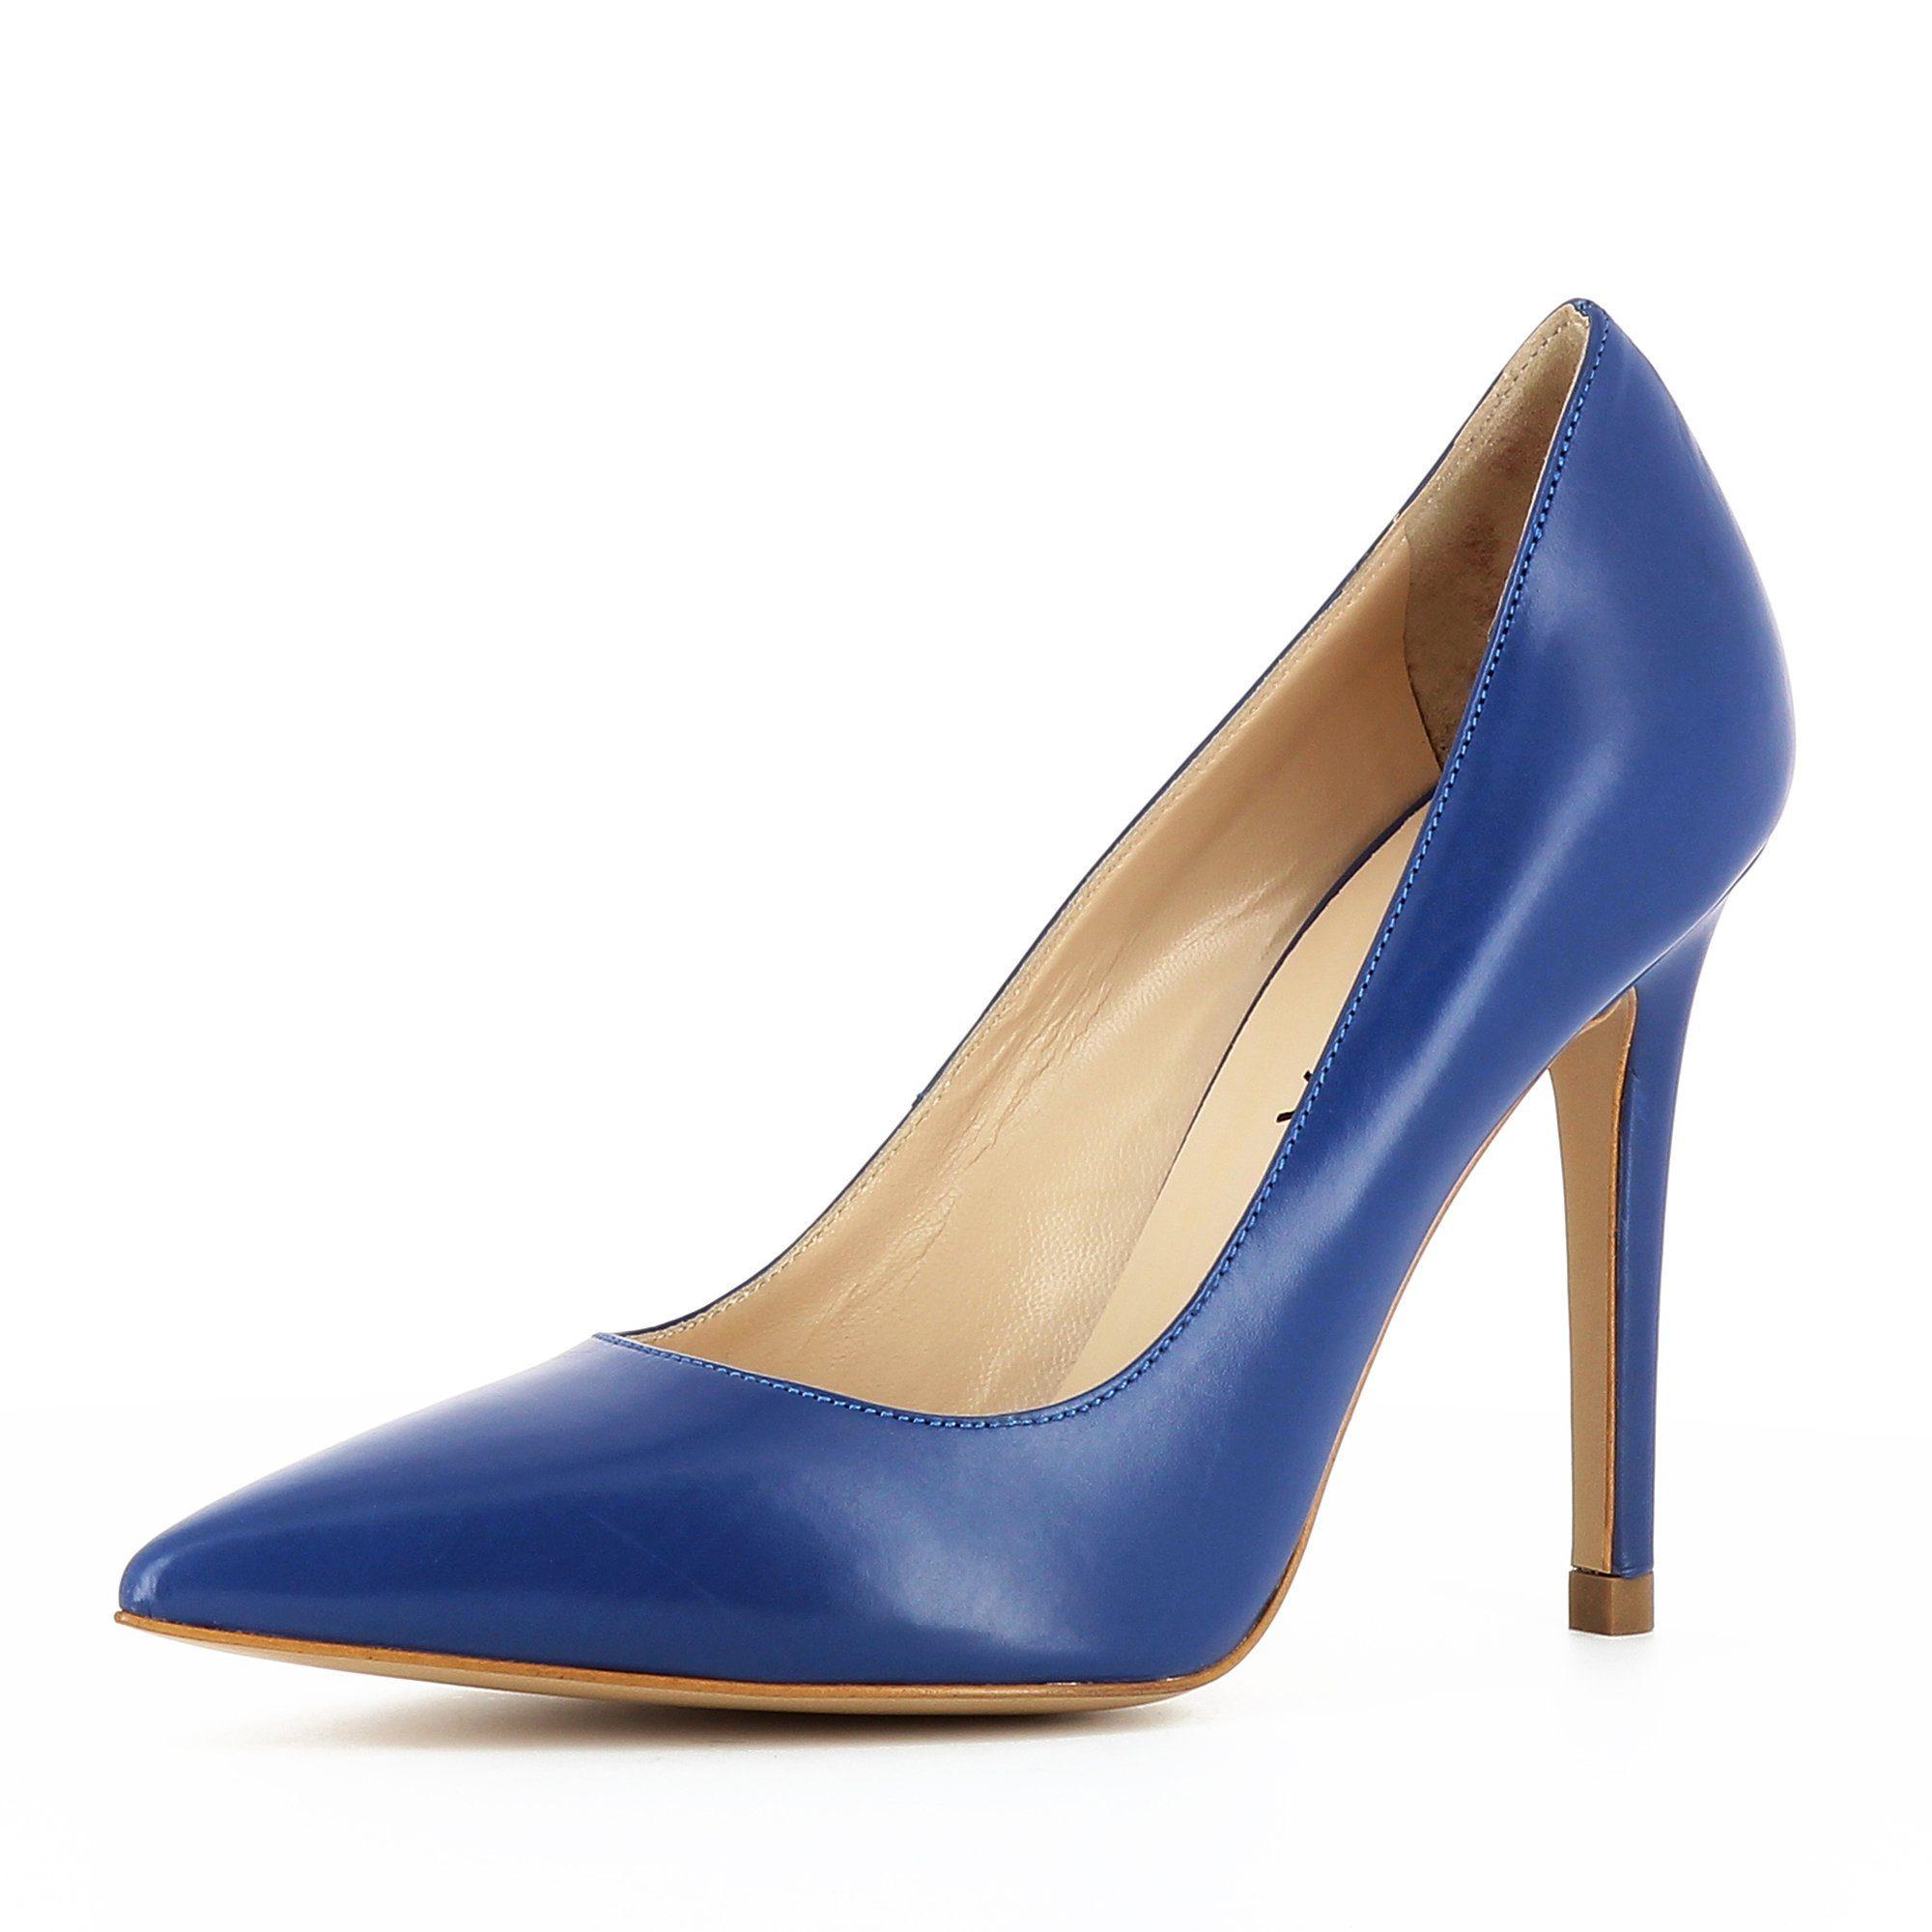 Evita ALINA High-Heel-Pumps, Pumps online kaufen  blau